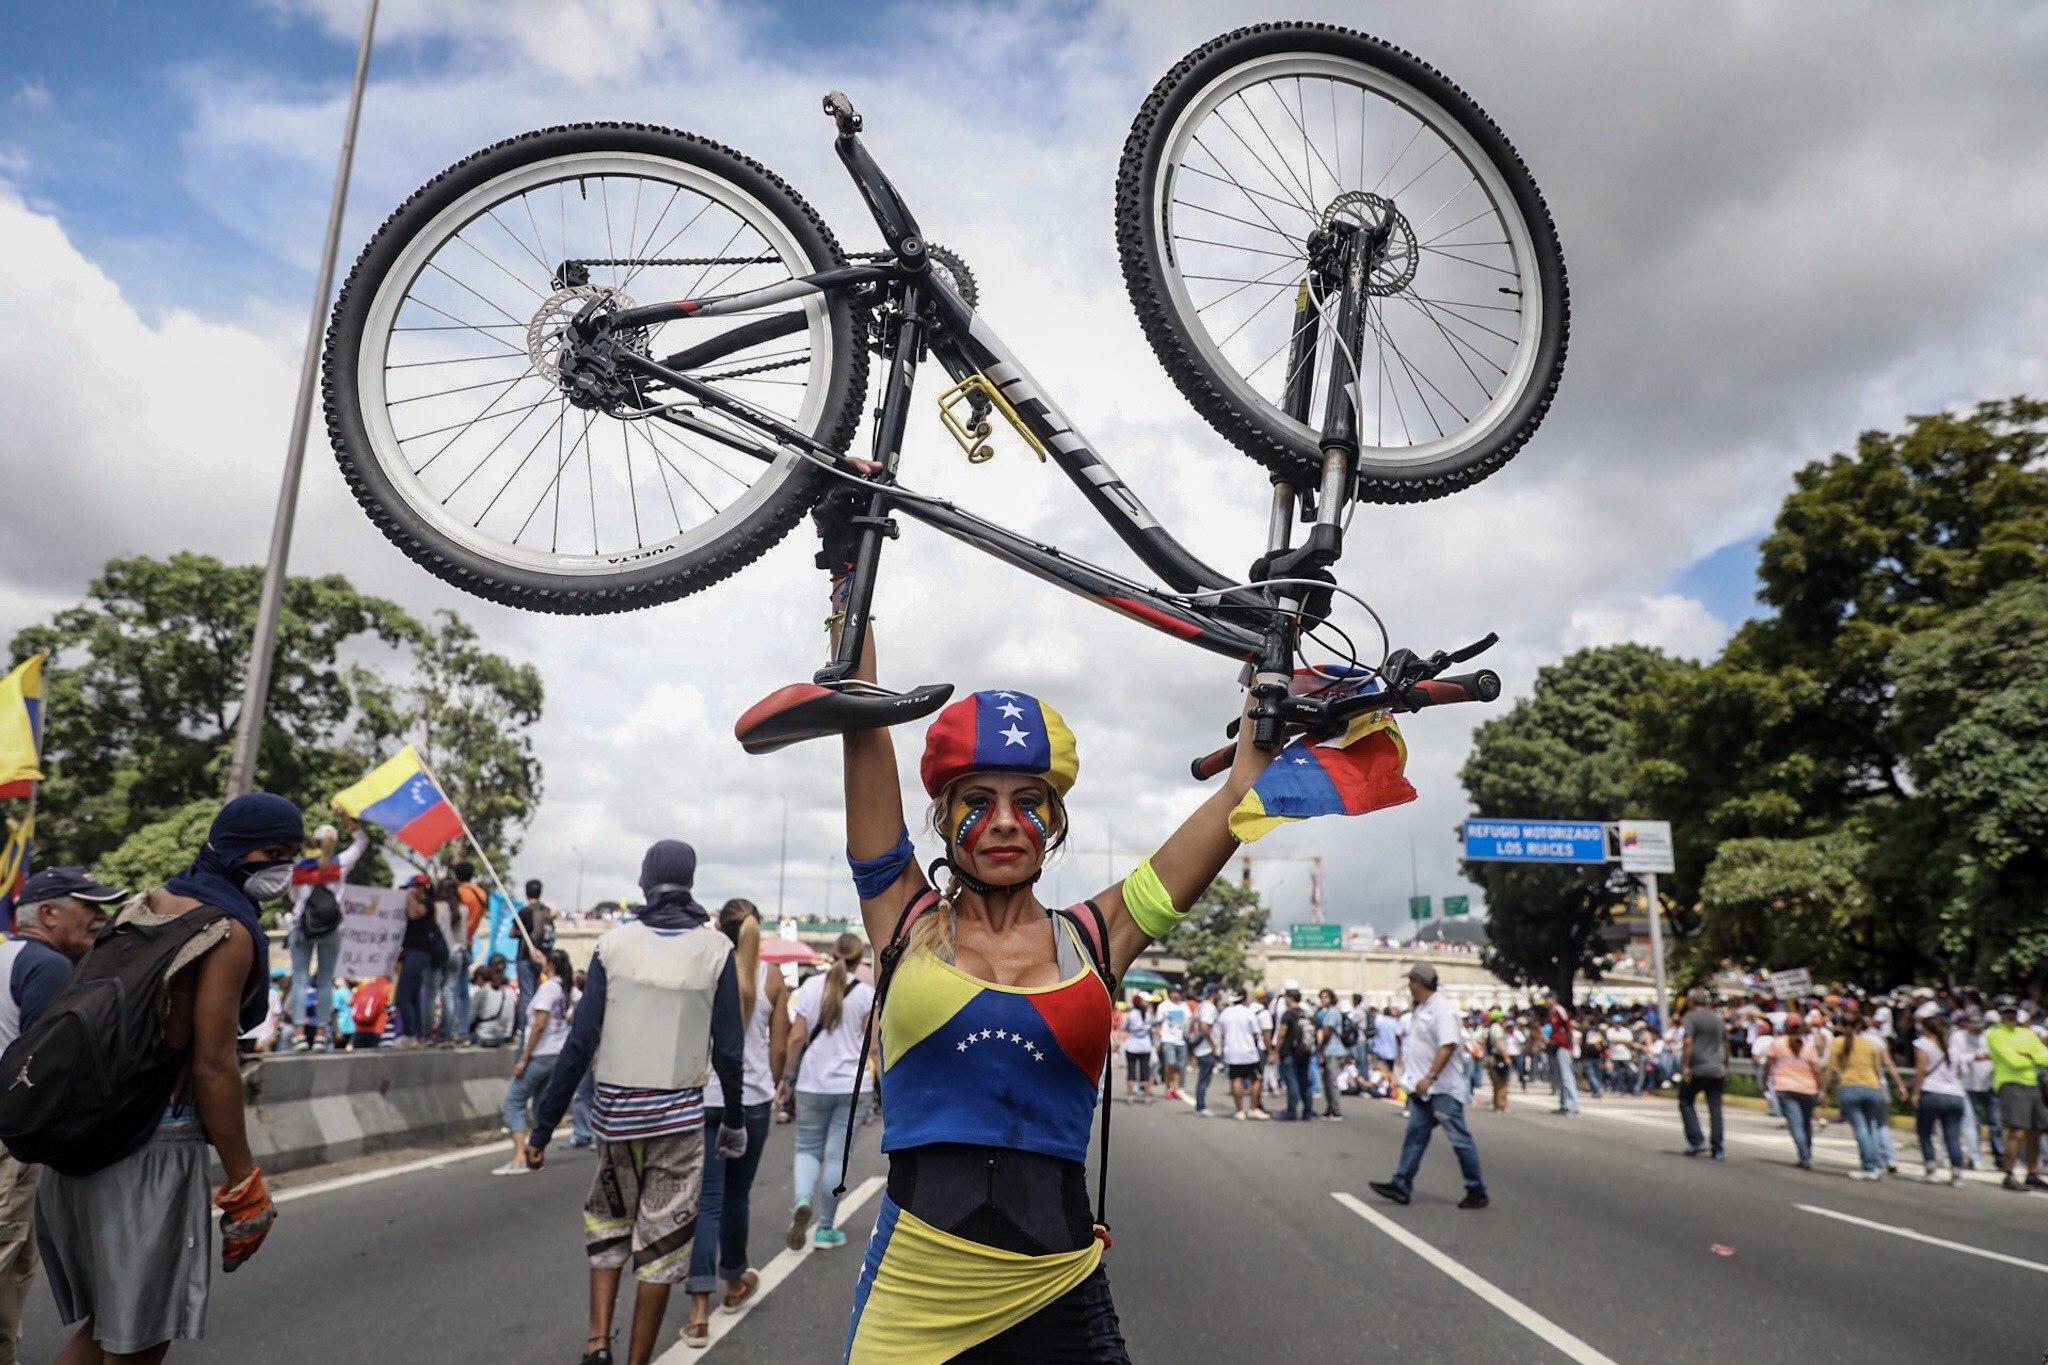 CAR14. CARACAS (VENEZUELA), 01/07/2017.- Manifestantes opositores participan en una marcha hoy, sábado 1 de julio de 2017, en Caracas (Venezuela). La oposición venezolana realiza hoy una concentración en Caracas como protesta contra la solicitud de antejuicio de mérito contra la fiscal de ese país, Luisa Ortega Díaz, que el Tribunal Supremo de Justicia (TSJ) admitió el pasado 20 de junio y con lo que la funcionaria podría ser enjuiciada. La coalición opositora Mesa de la Unidad Democrática (MUD) invitó a las personas a concentrarse en el este de Caracas, específicamente en la autopista Francisco Fajardo, principal arteria vial de la capital, a la altura de Los Ruices. EFE/Miguel Gutiérrez